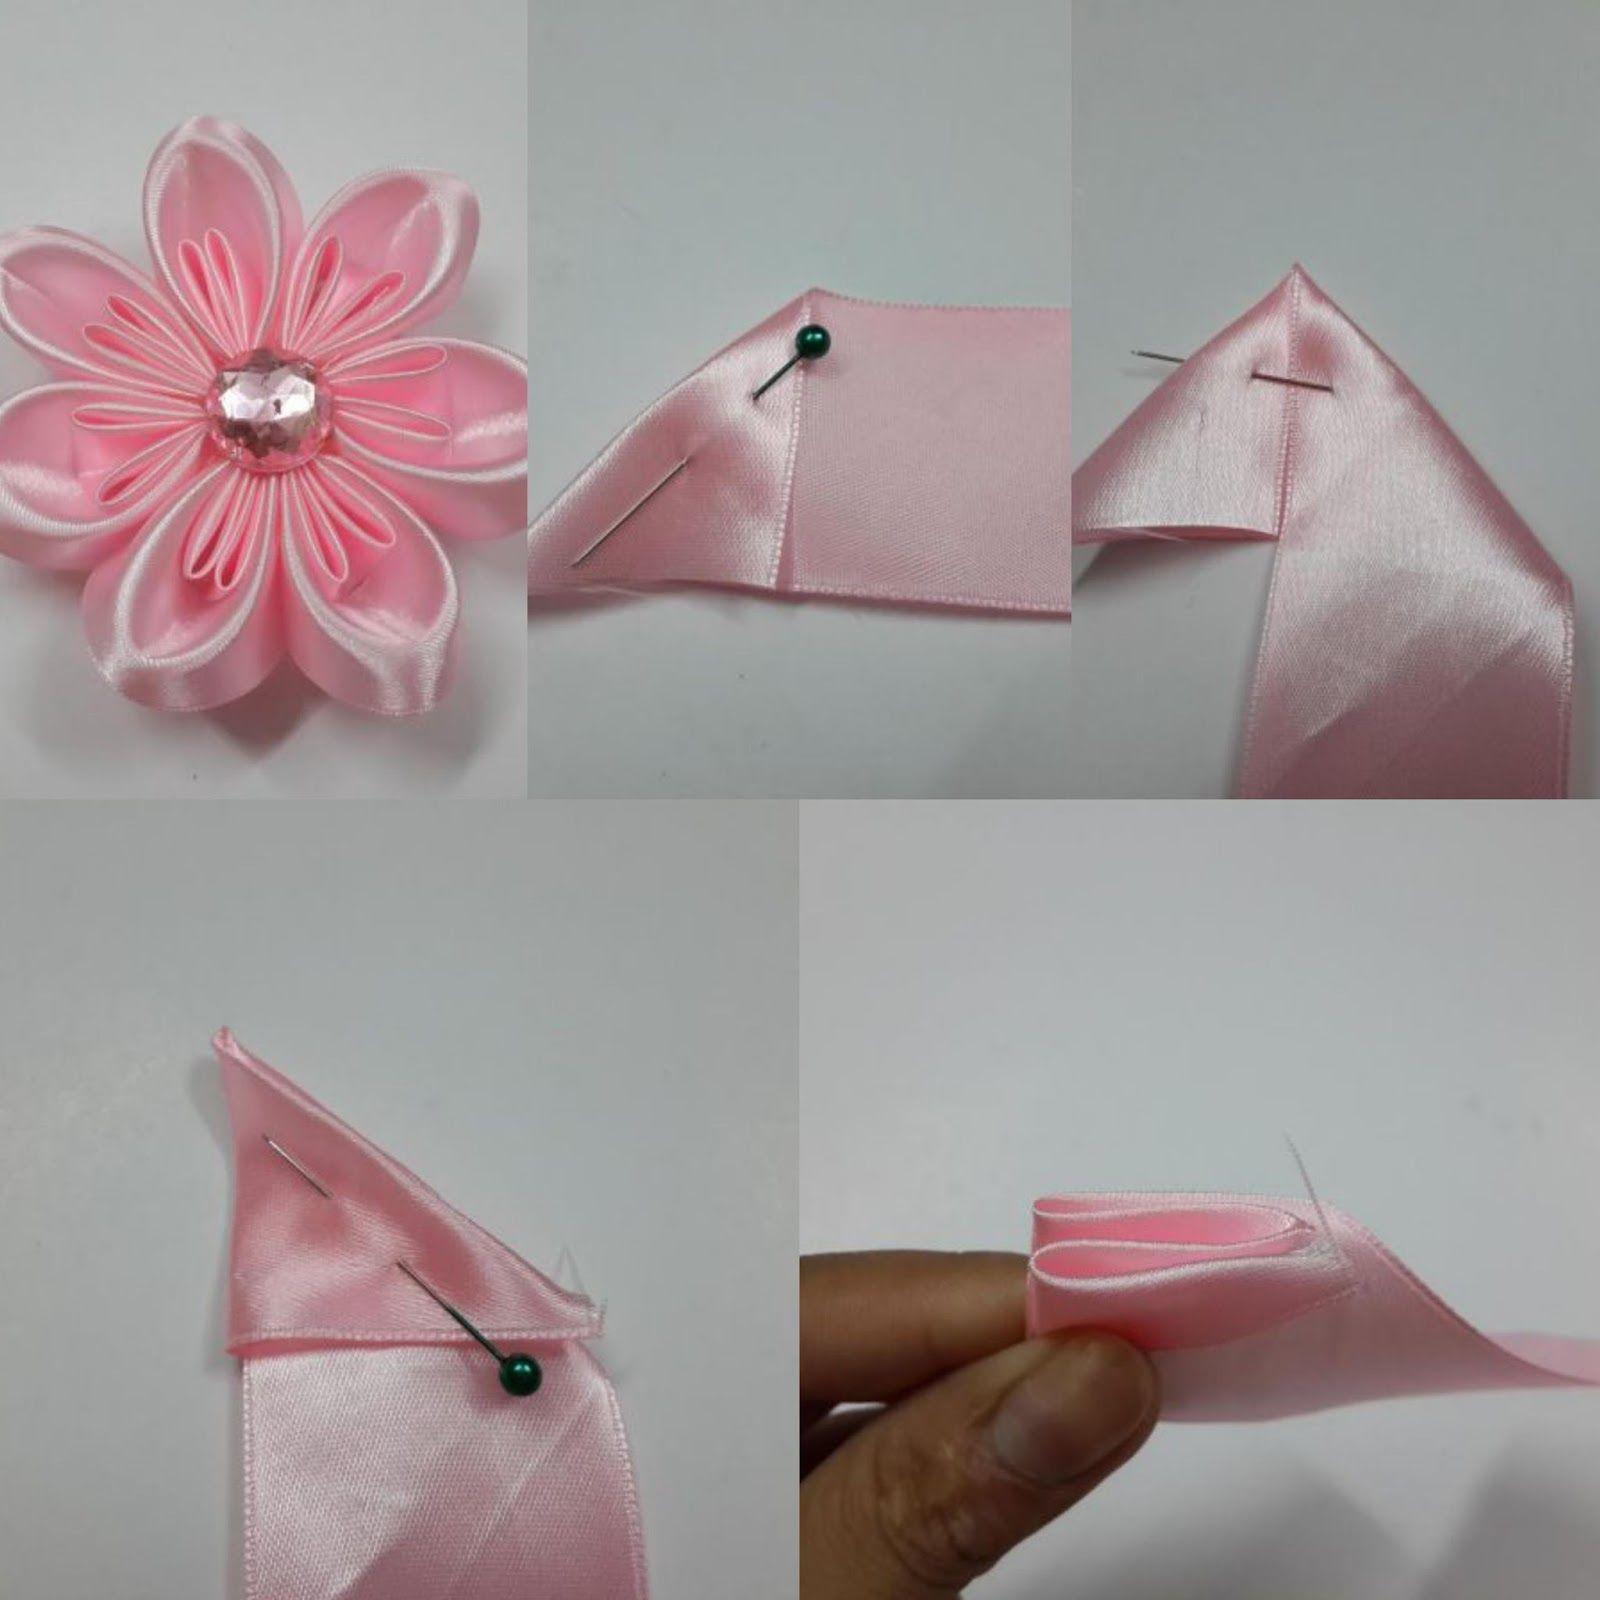 Cómo Hacer Seis Modelos De Flores Con Cinta De Raso Flores De Cinta Cintas De Raso Hacer Flores Con Cintas